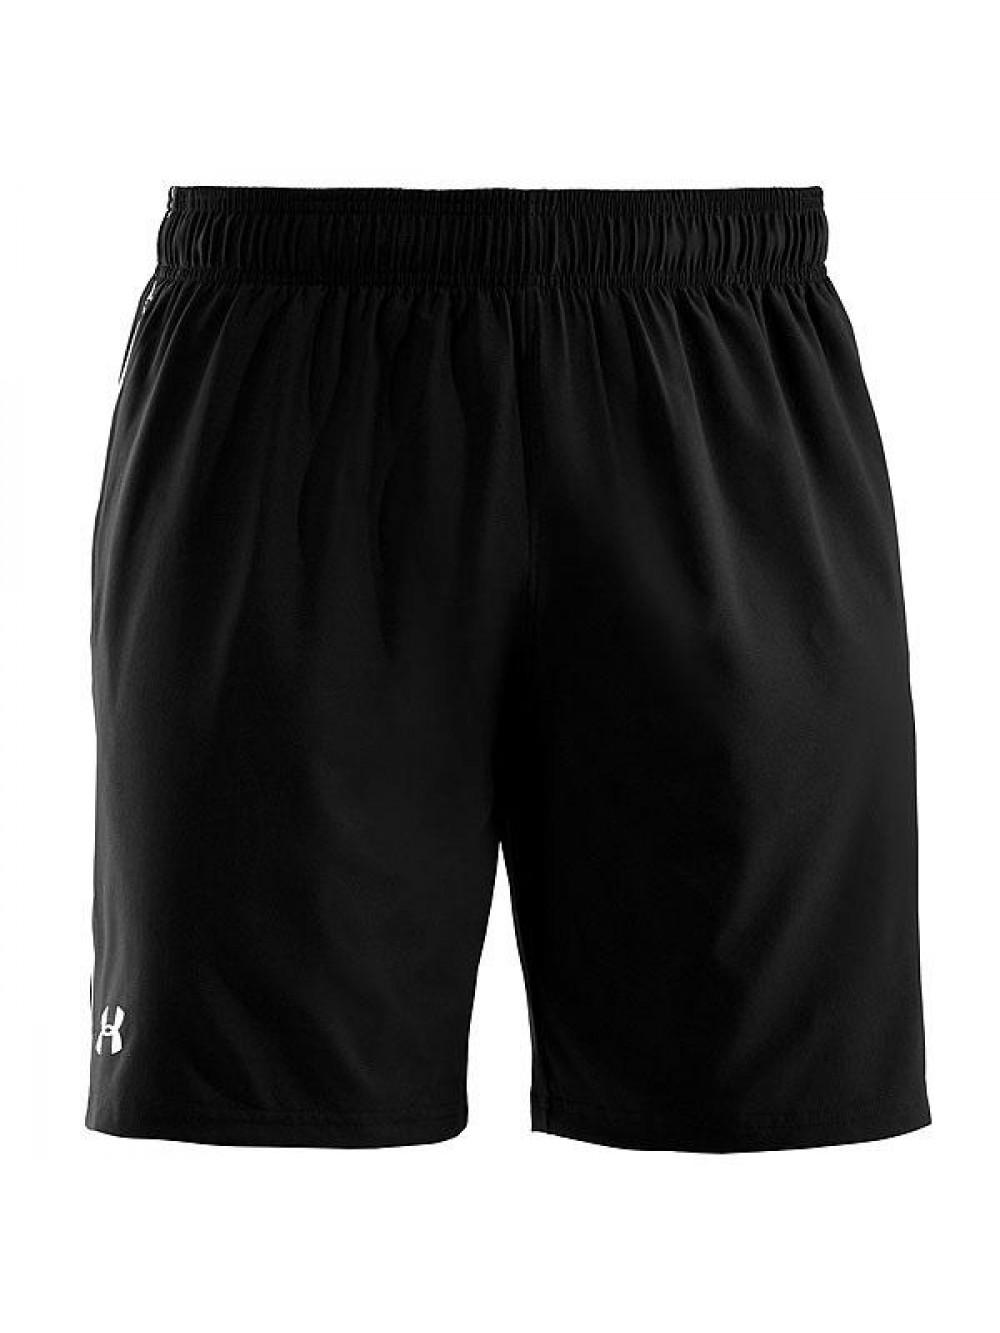 Herren Shorts Under Armour Mirage 8 schwarz